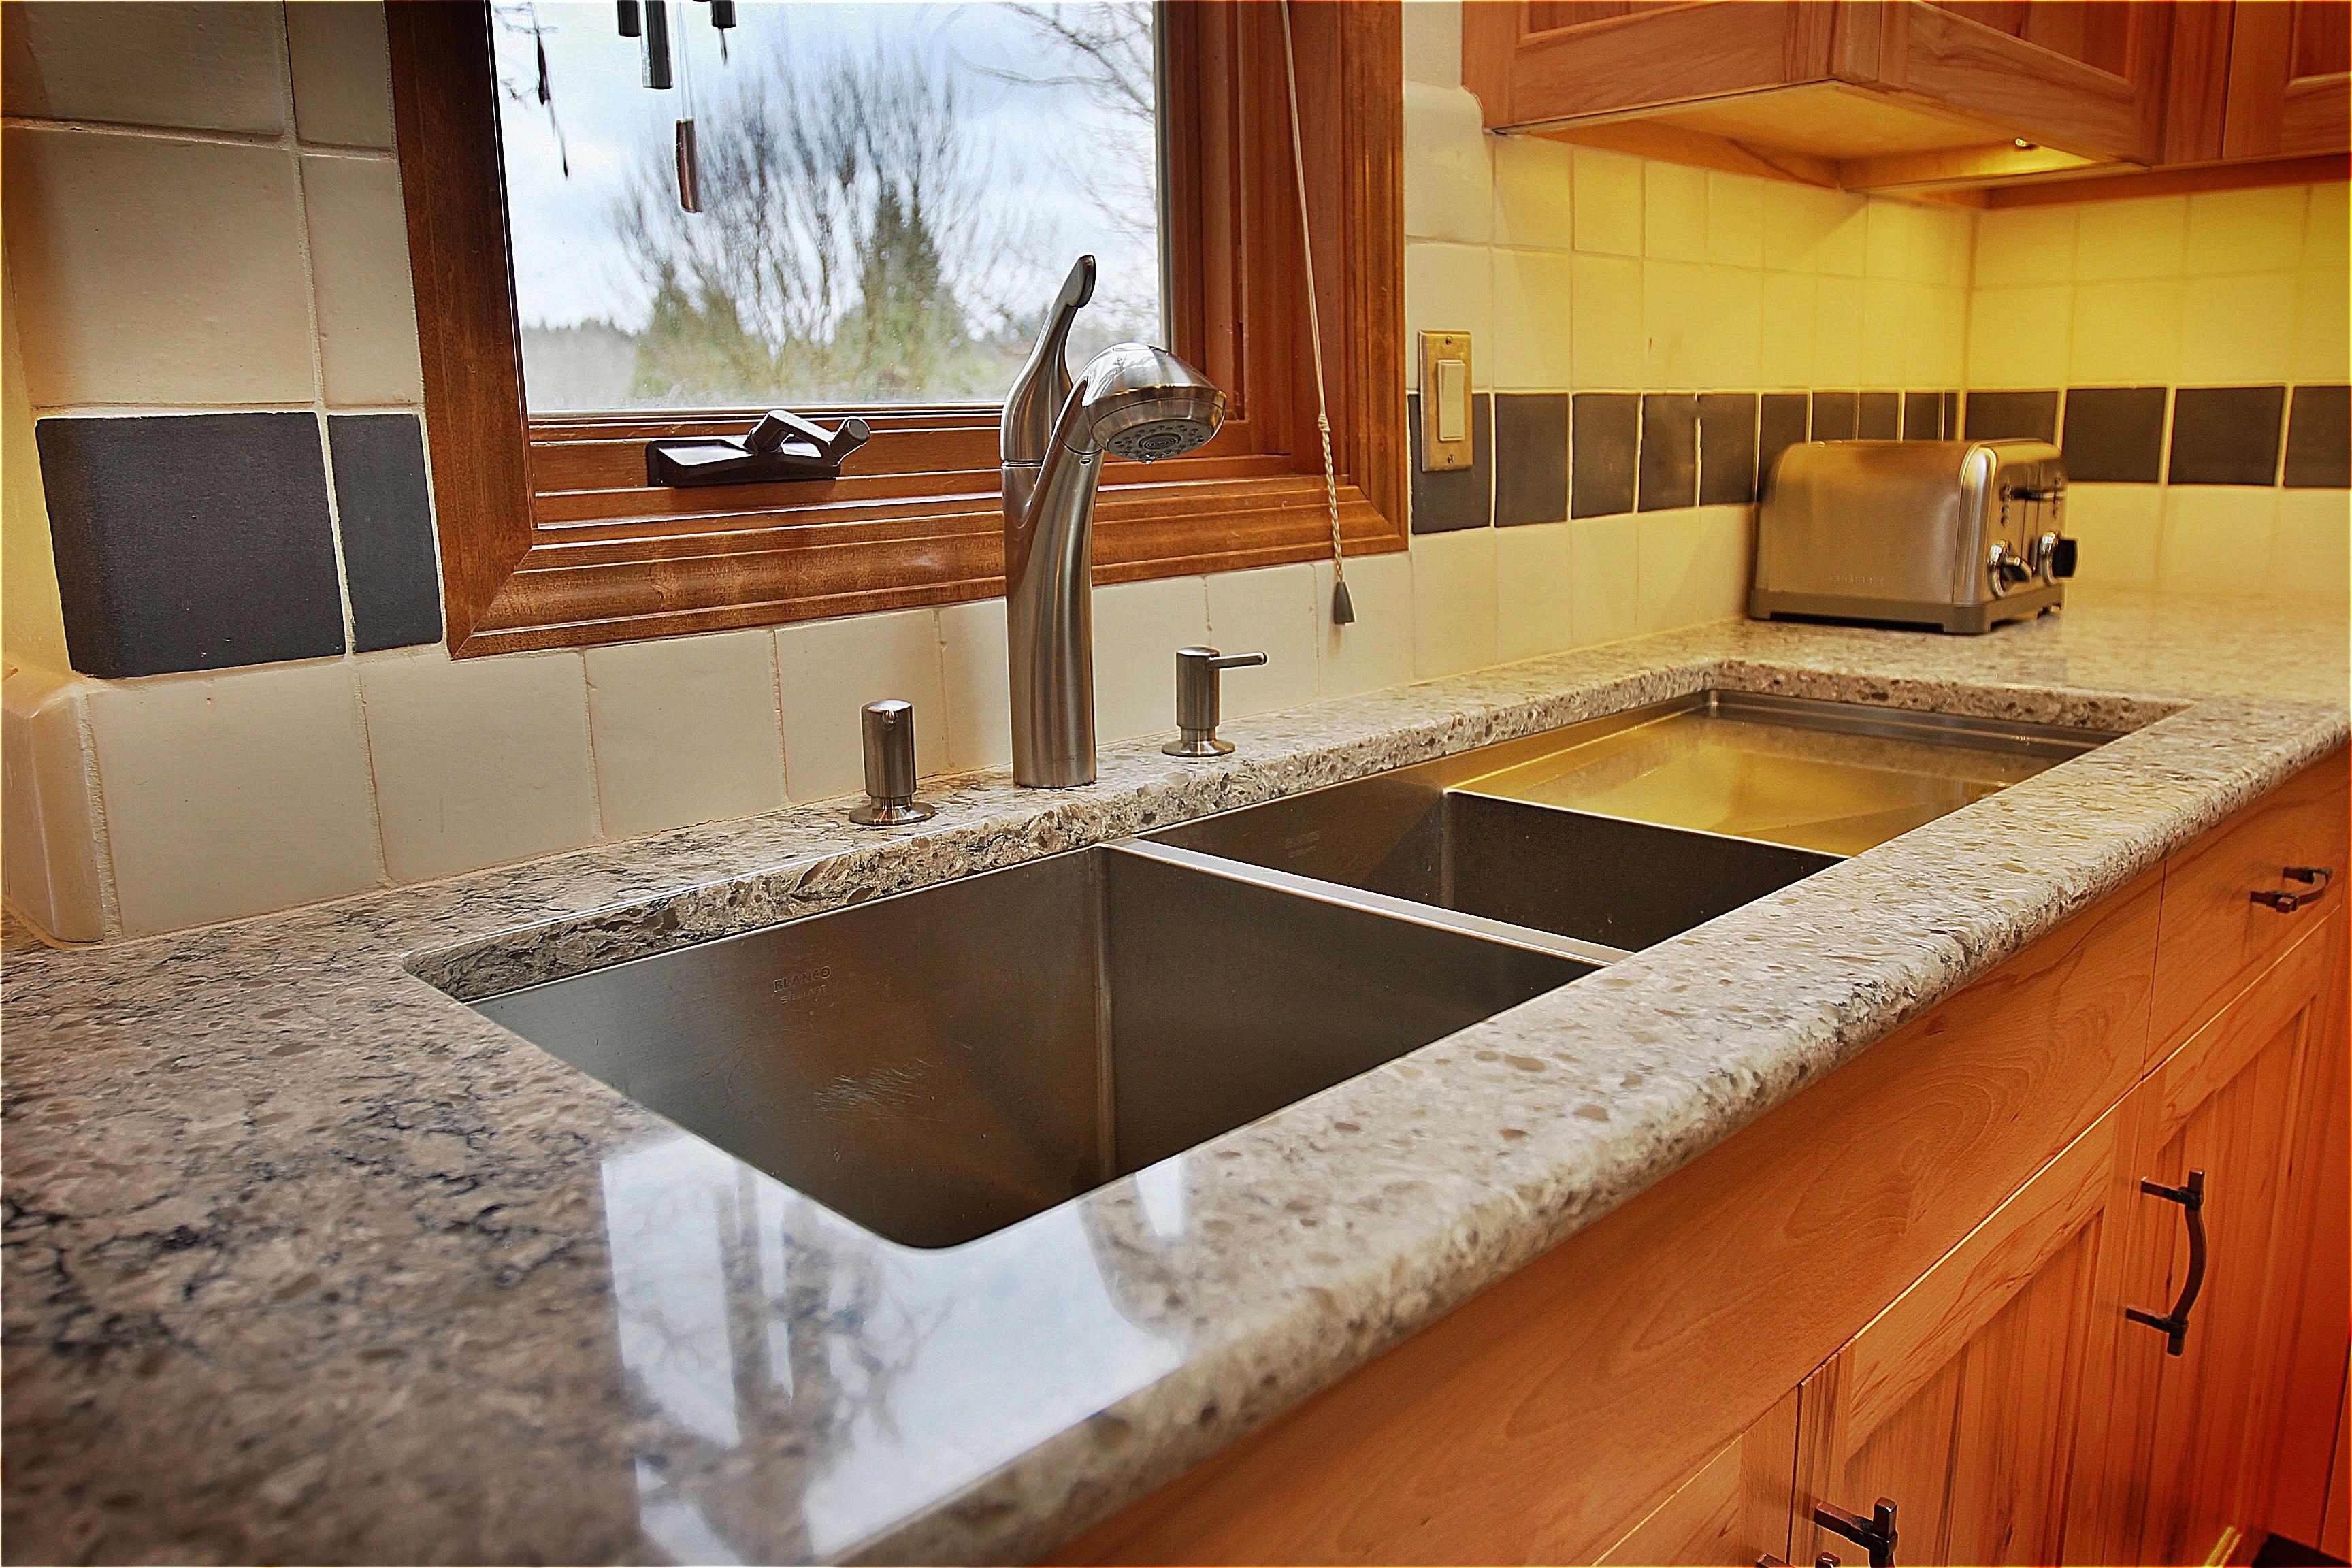 Undermount Sink Failure In Granite And Quartz